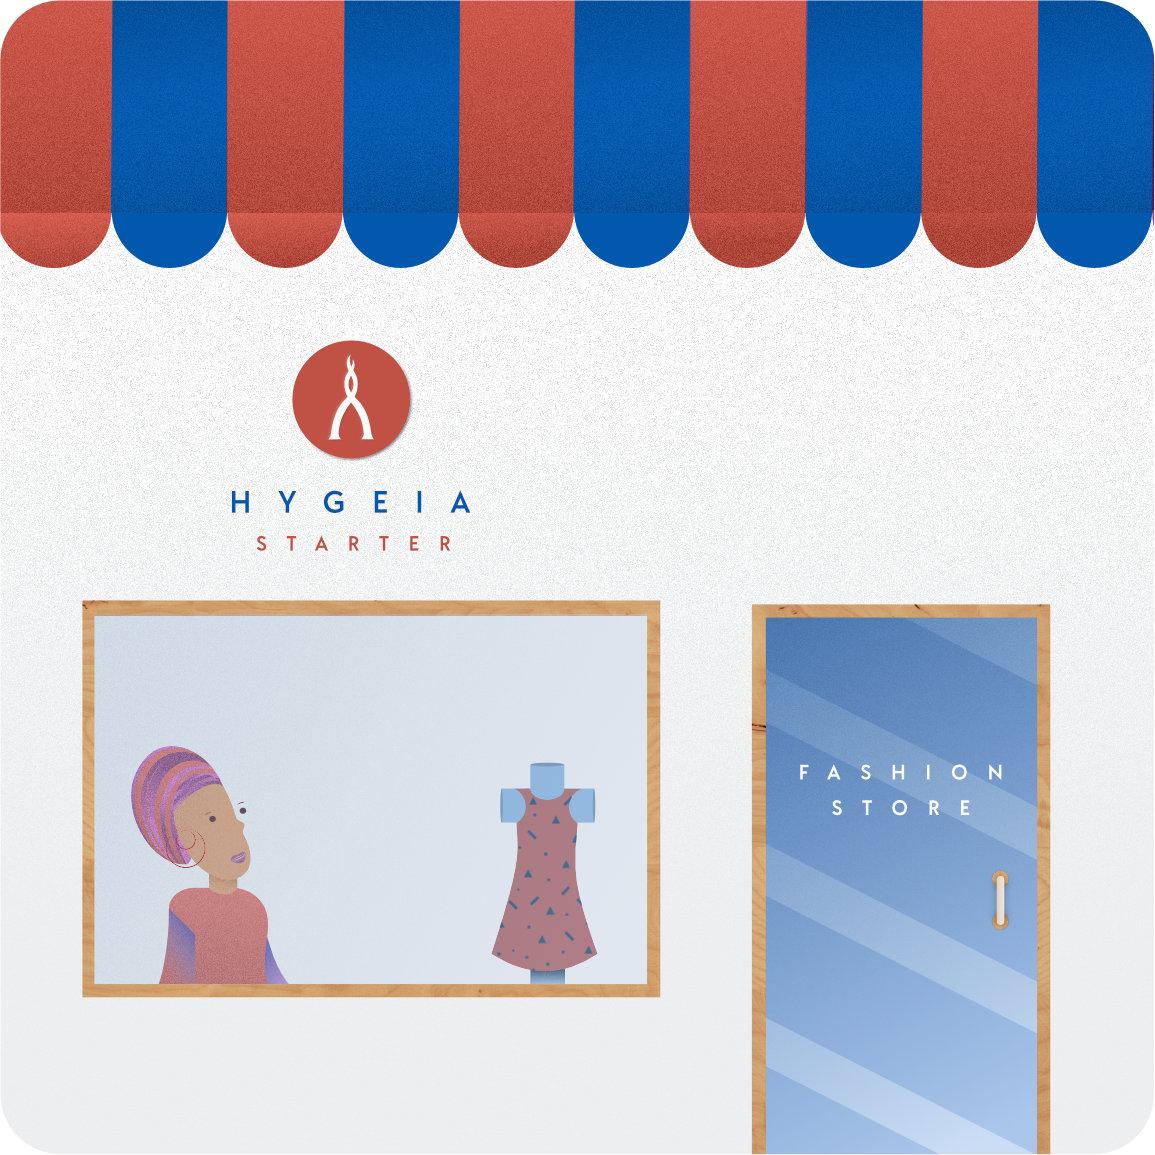 Hygeia HMO Starter